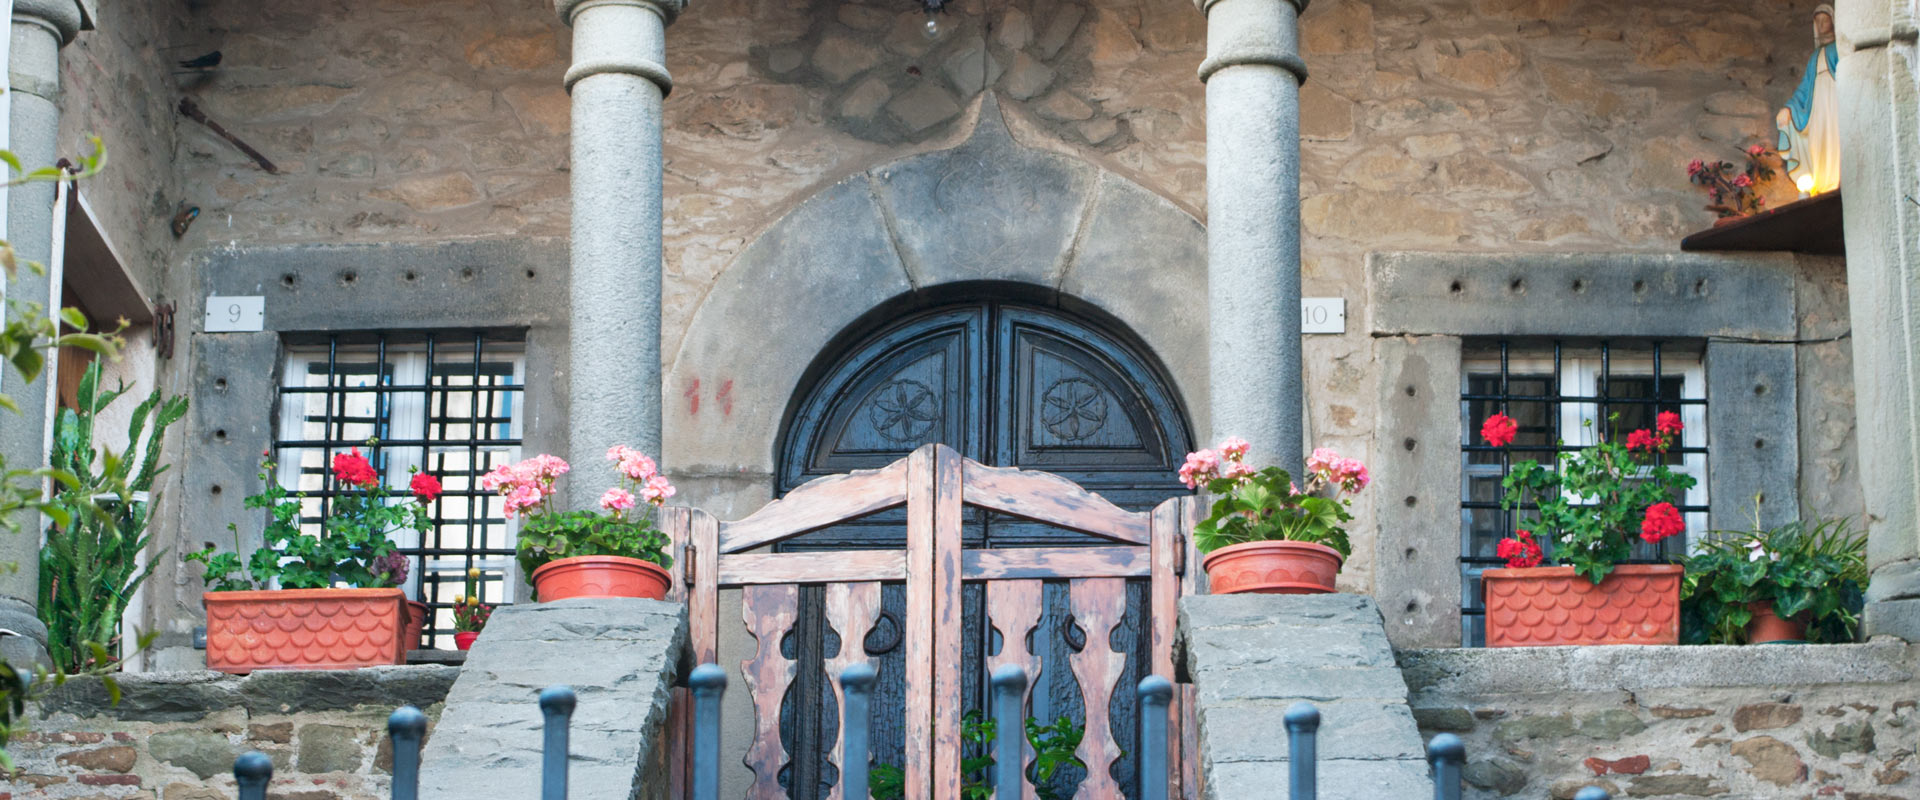 Colognora, Bagni di Lucca, Italian Village